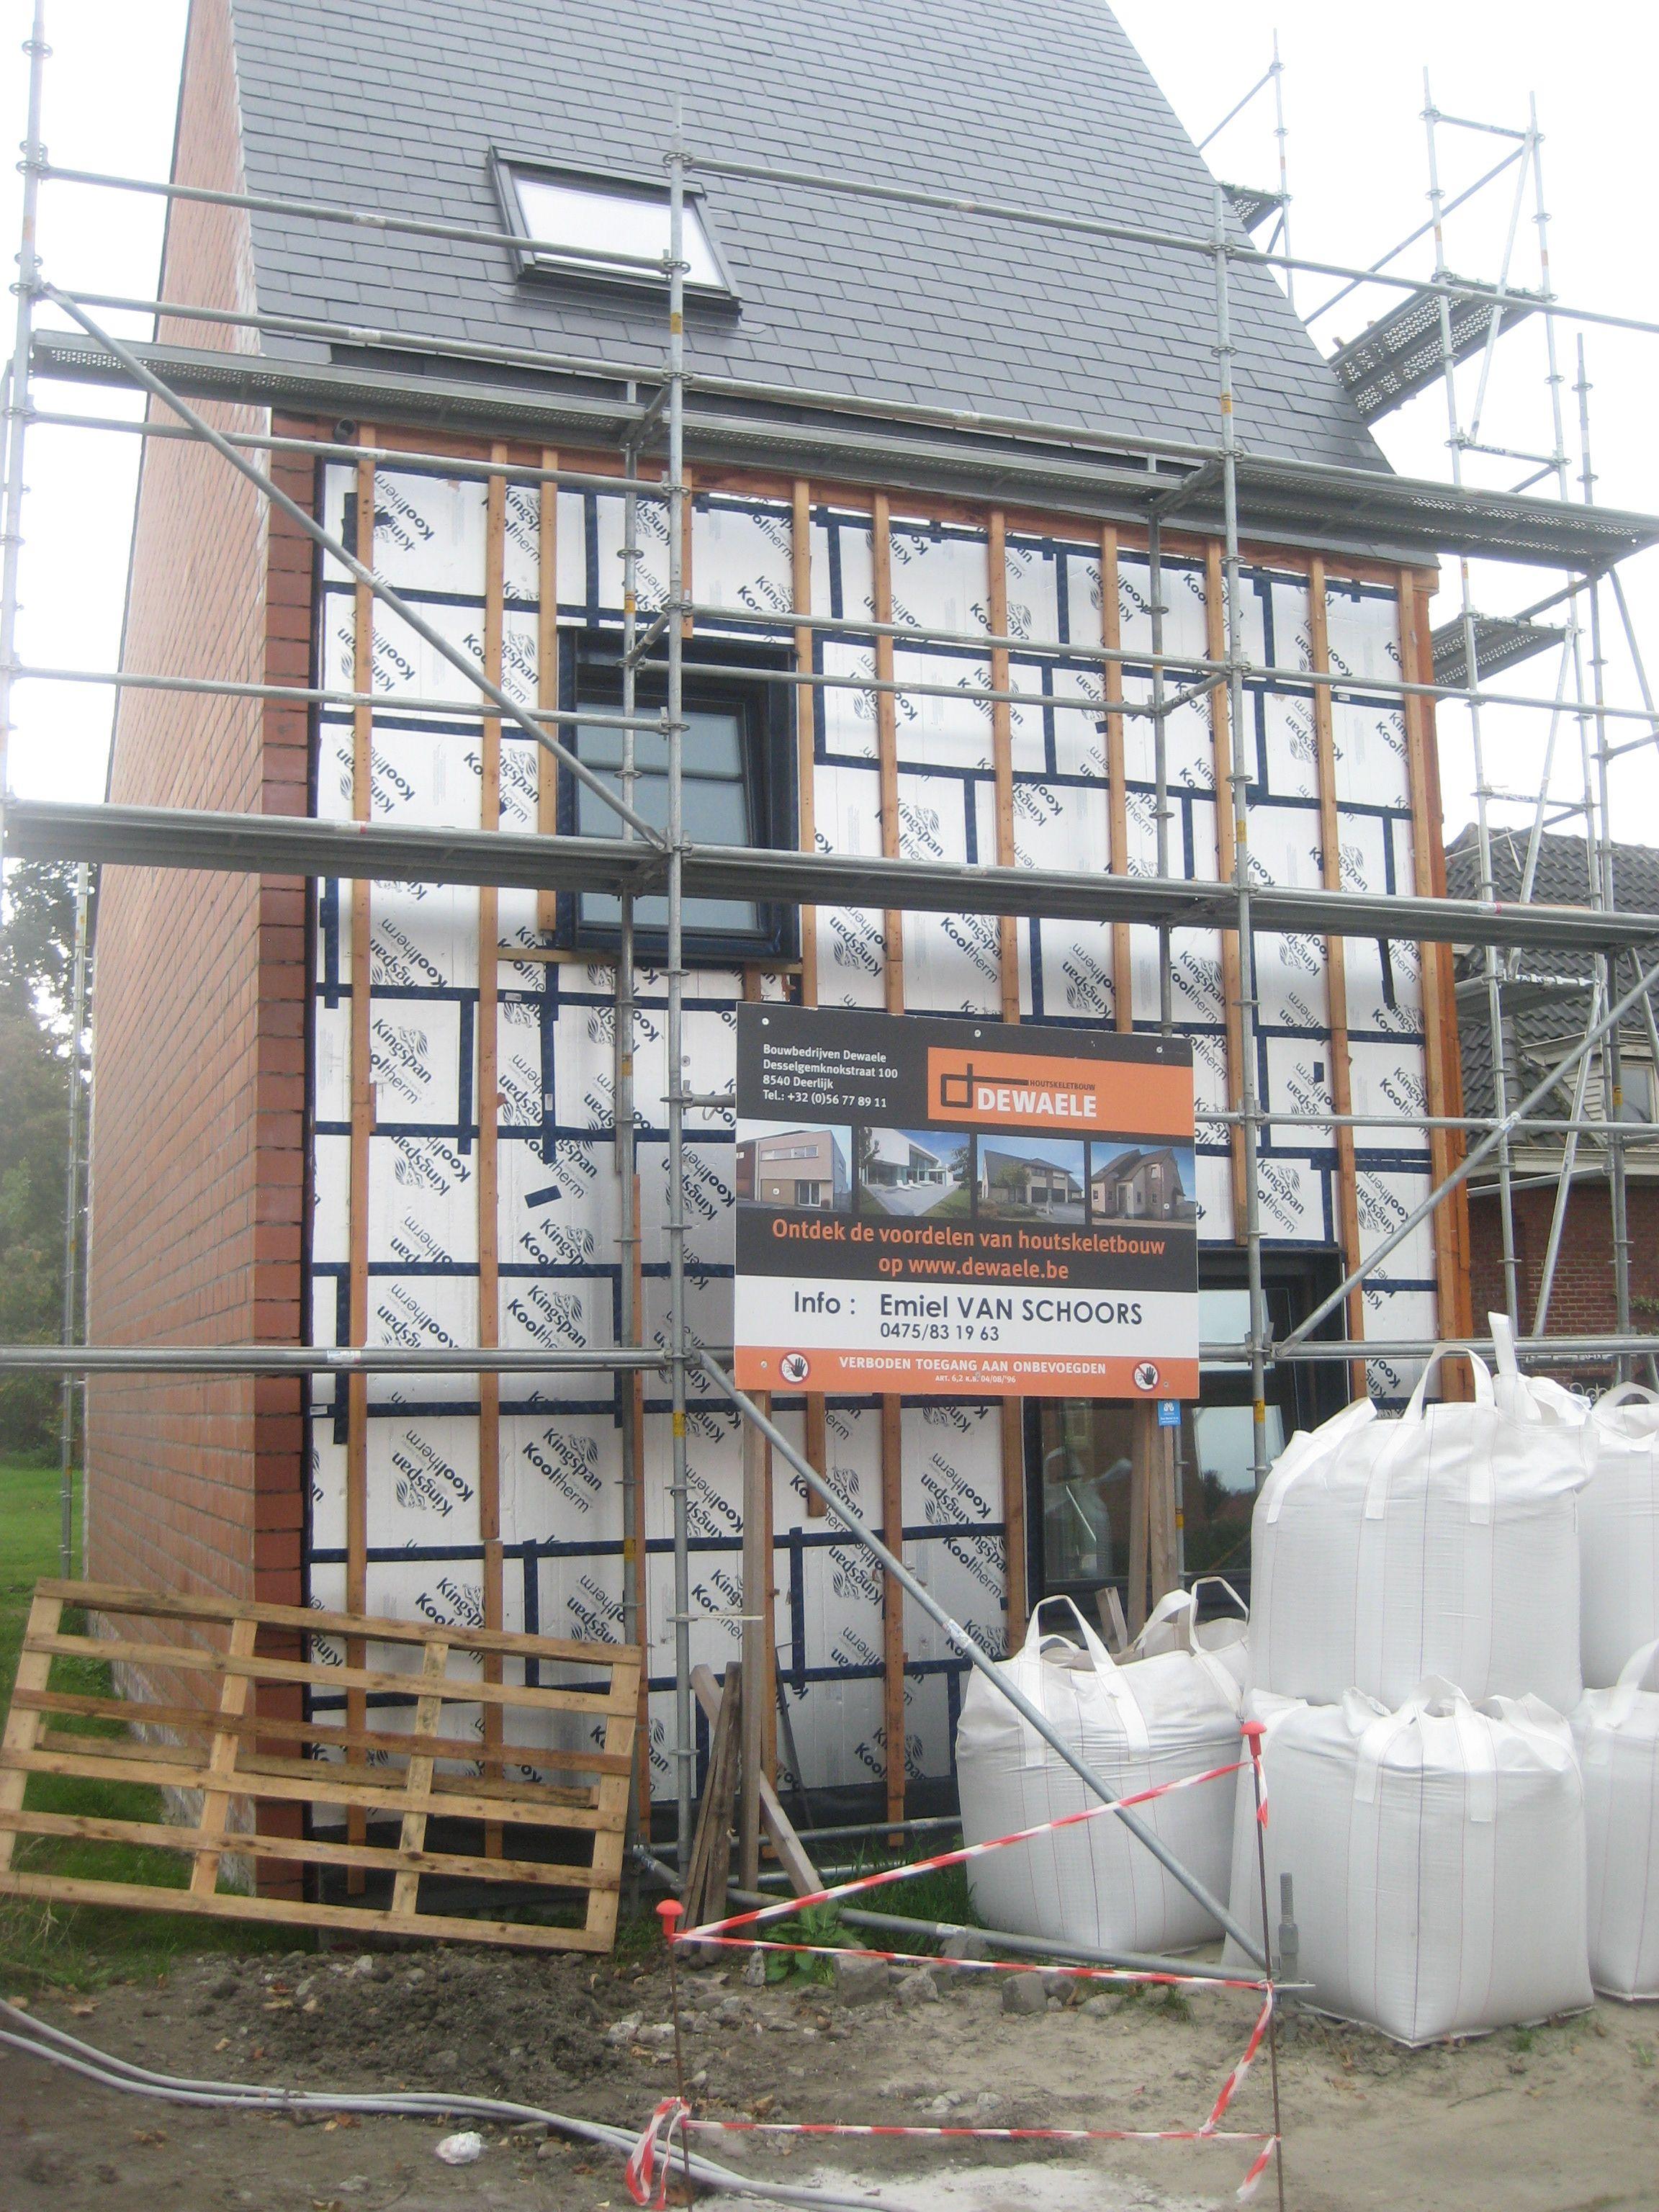 Opbouw van een houtskeletbouw woning | Werf | Dewaele Houtskeletbouw